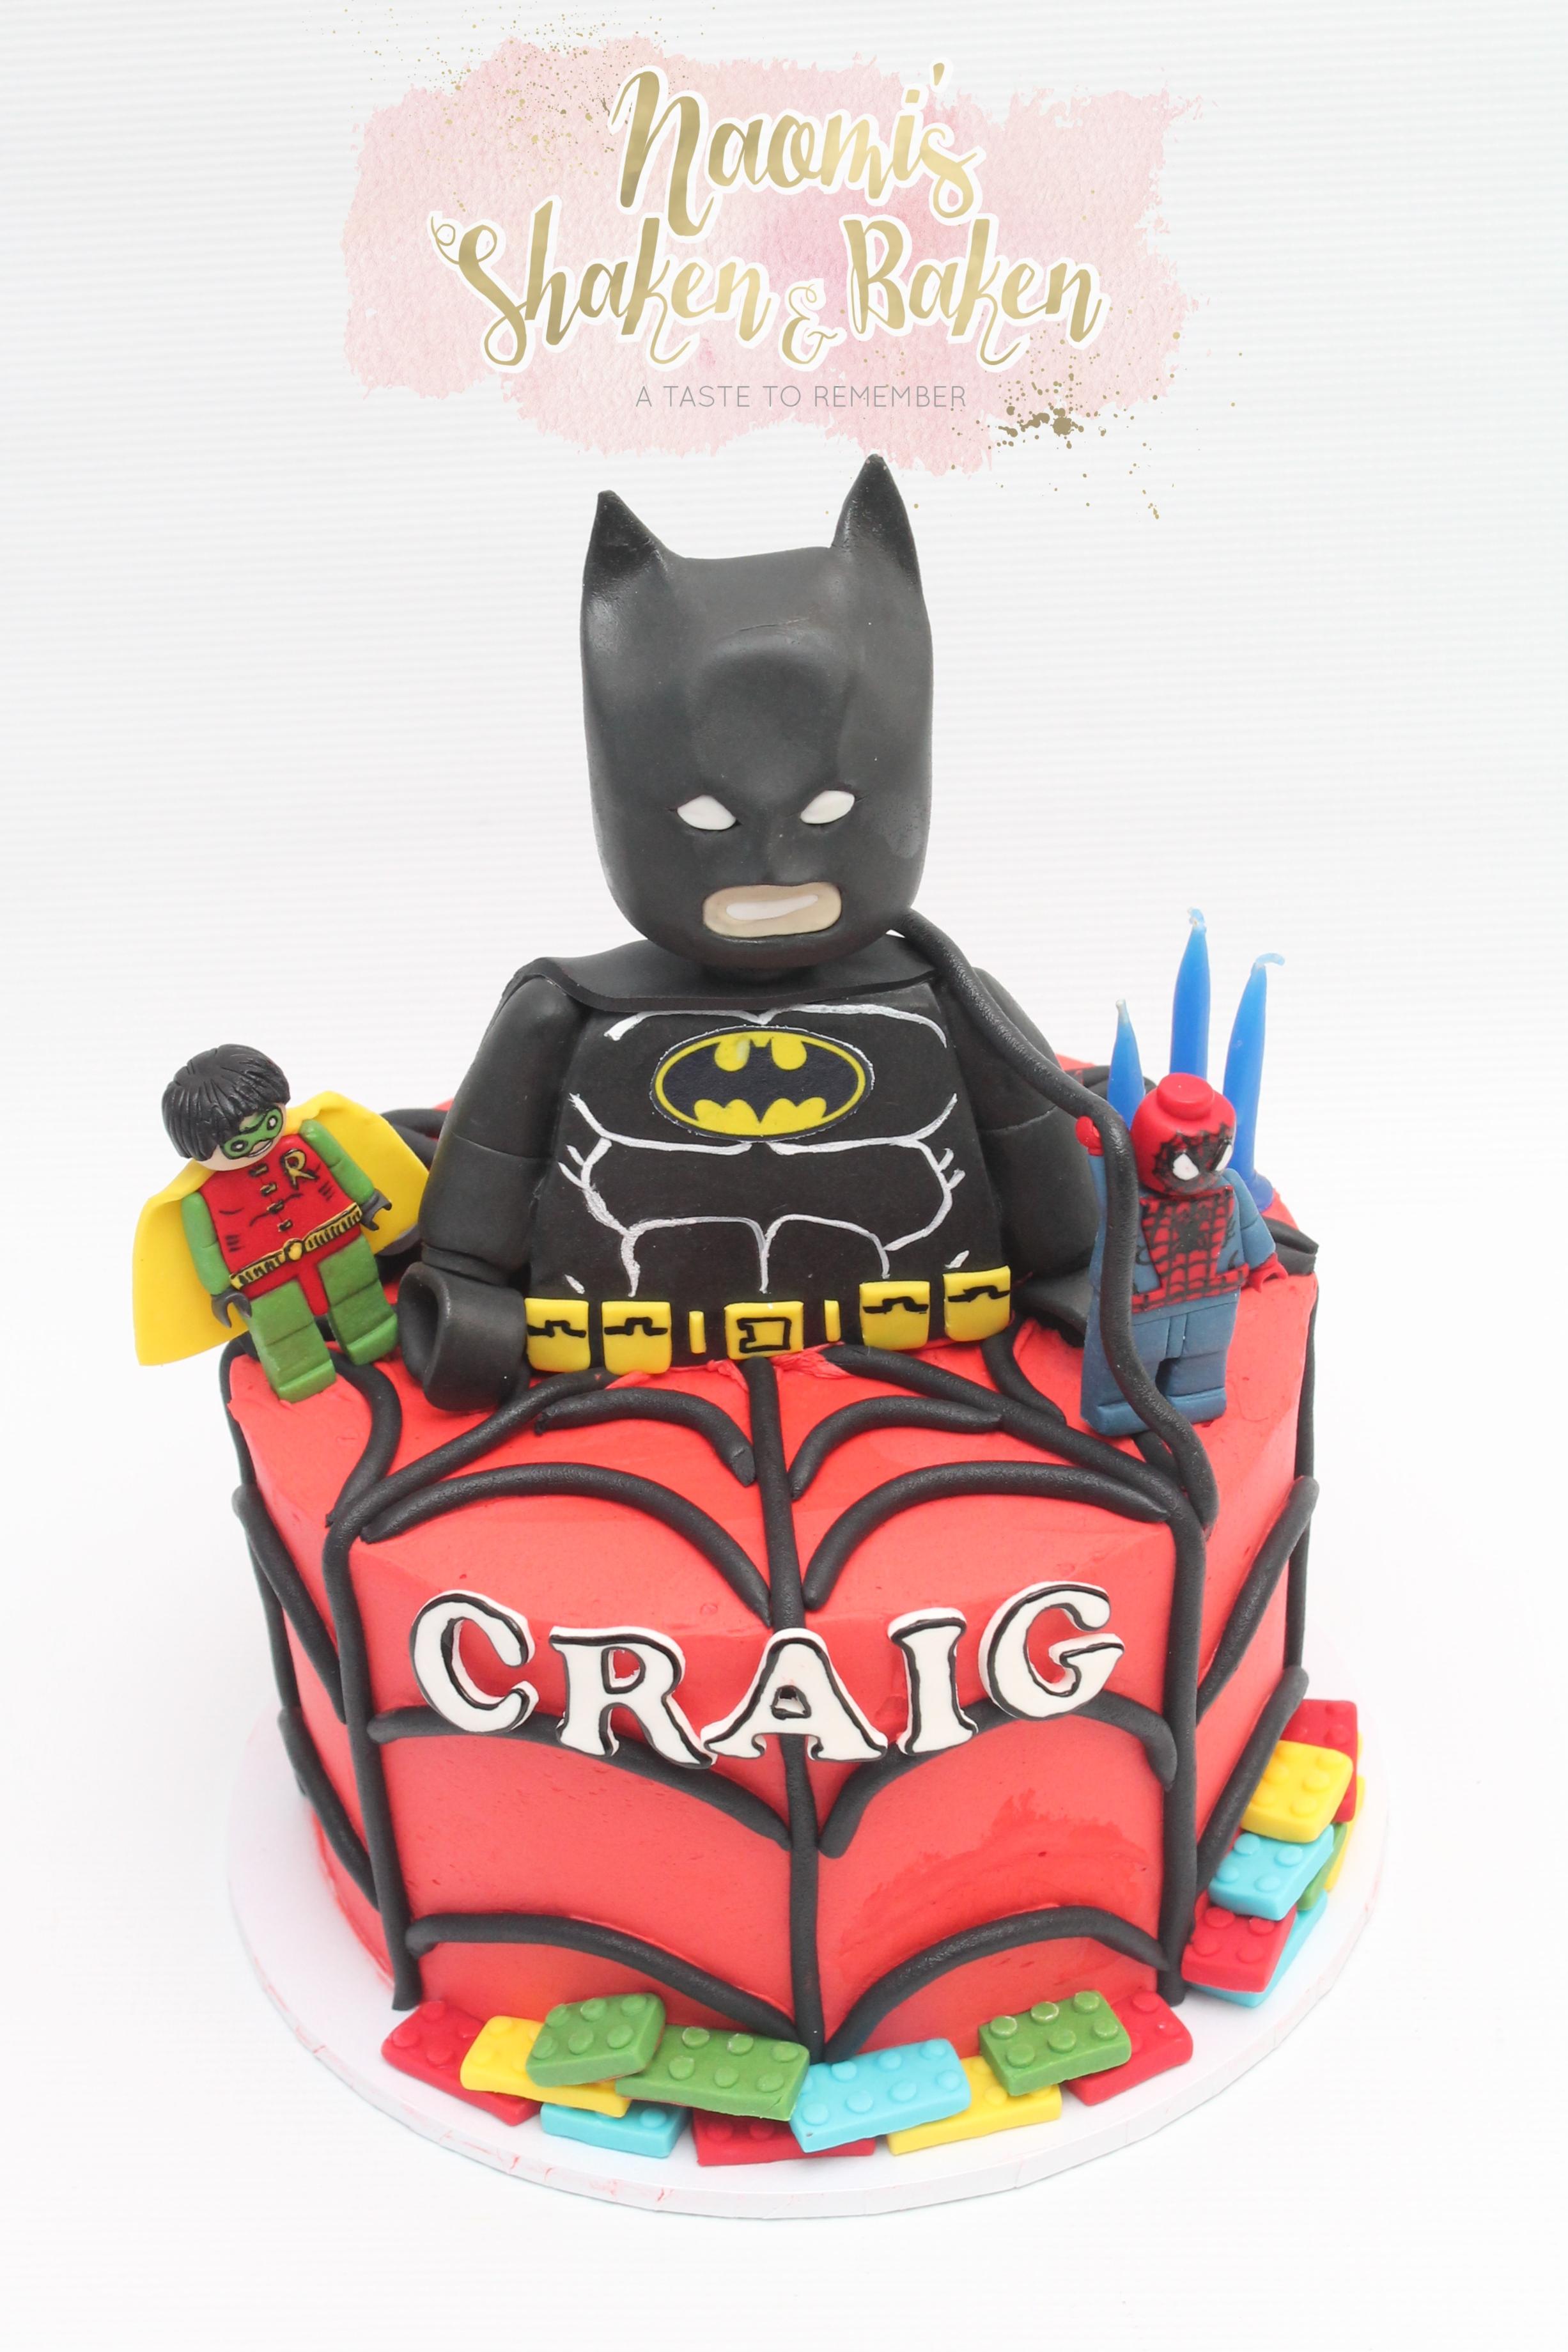 Hero's cake